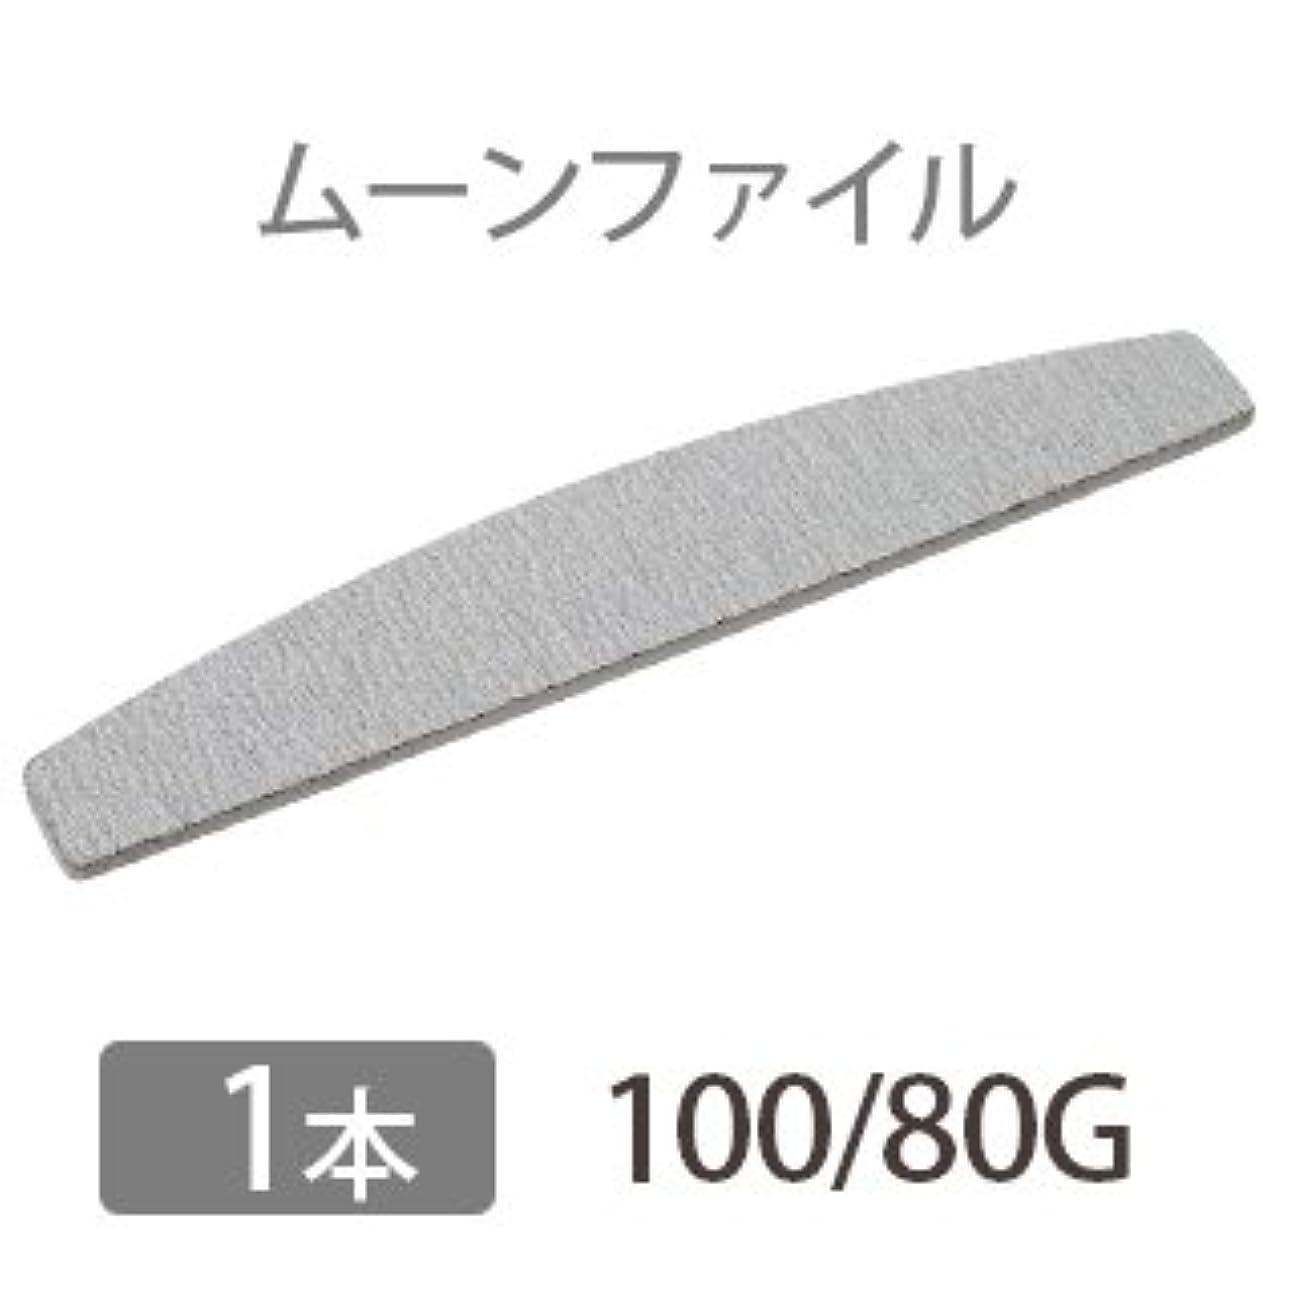 ムーンファイル 100/80 【ネイル オフ ケア用品】